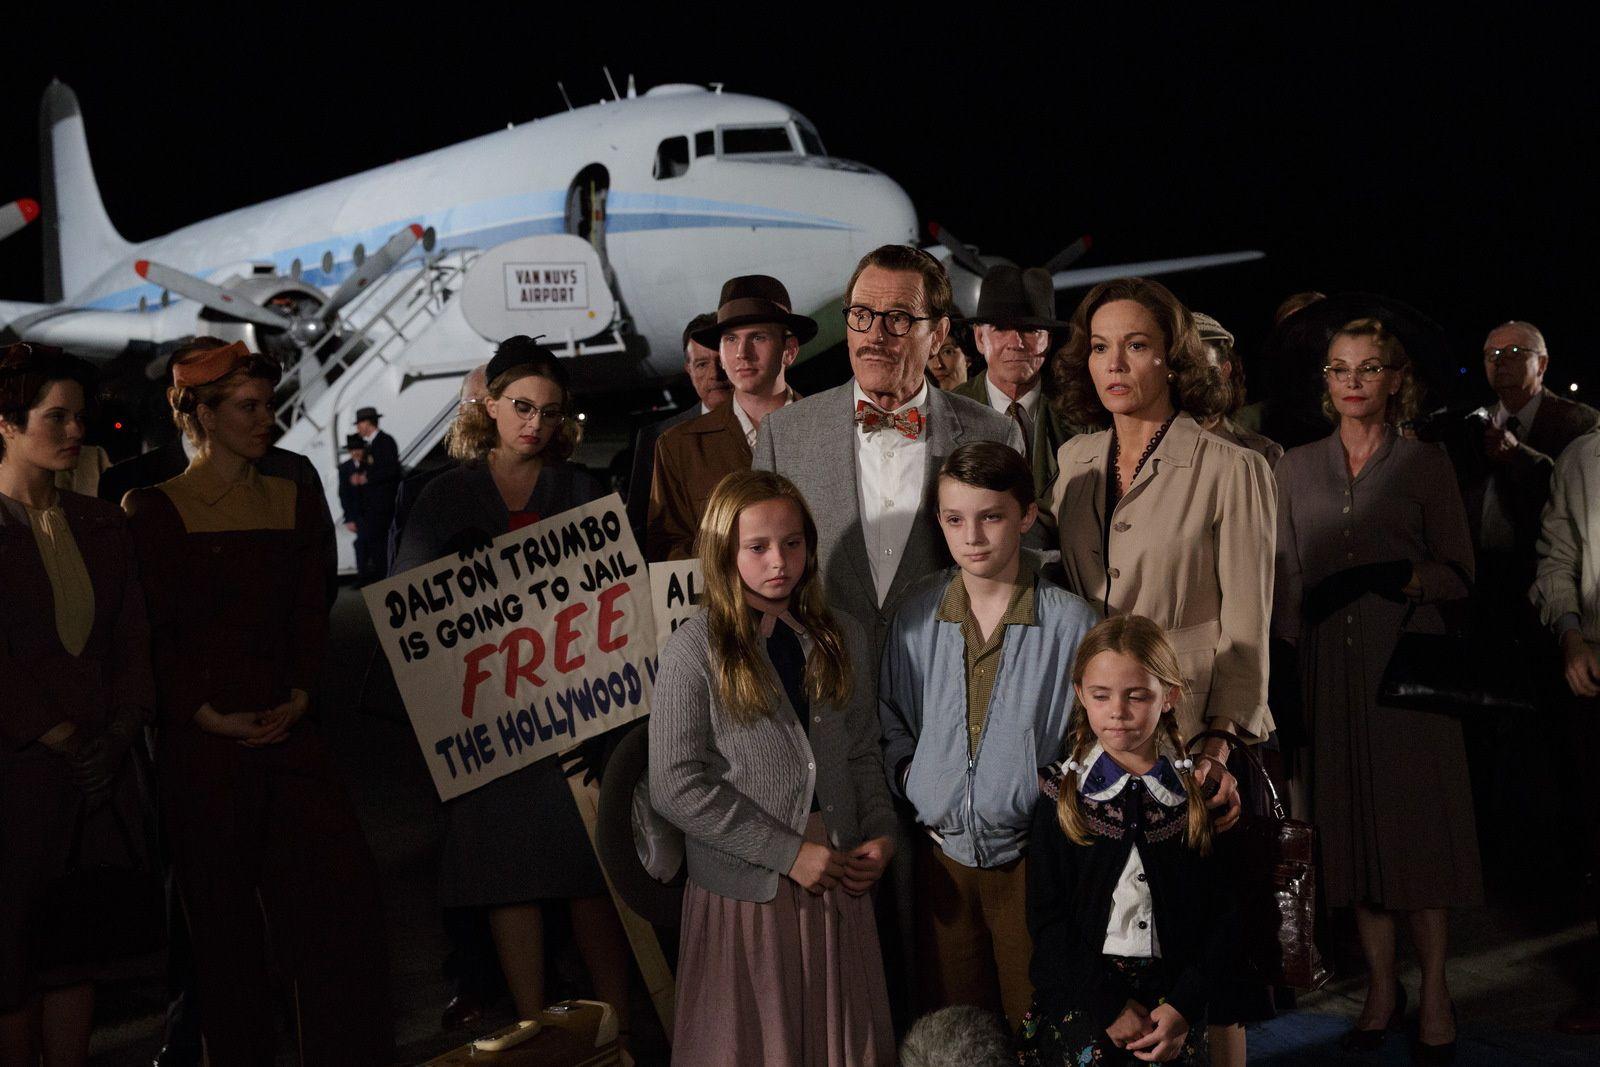 DALTON TRUMBO avec Bryan Cranston, Helen Mirren, Diane Lane - AU CINEMA LE 27 AVRIL 2016